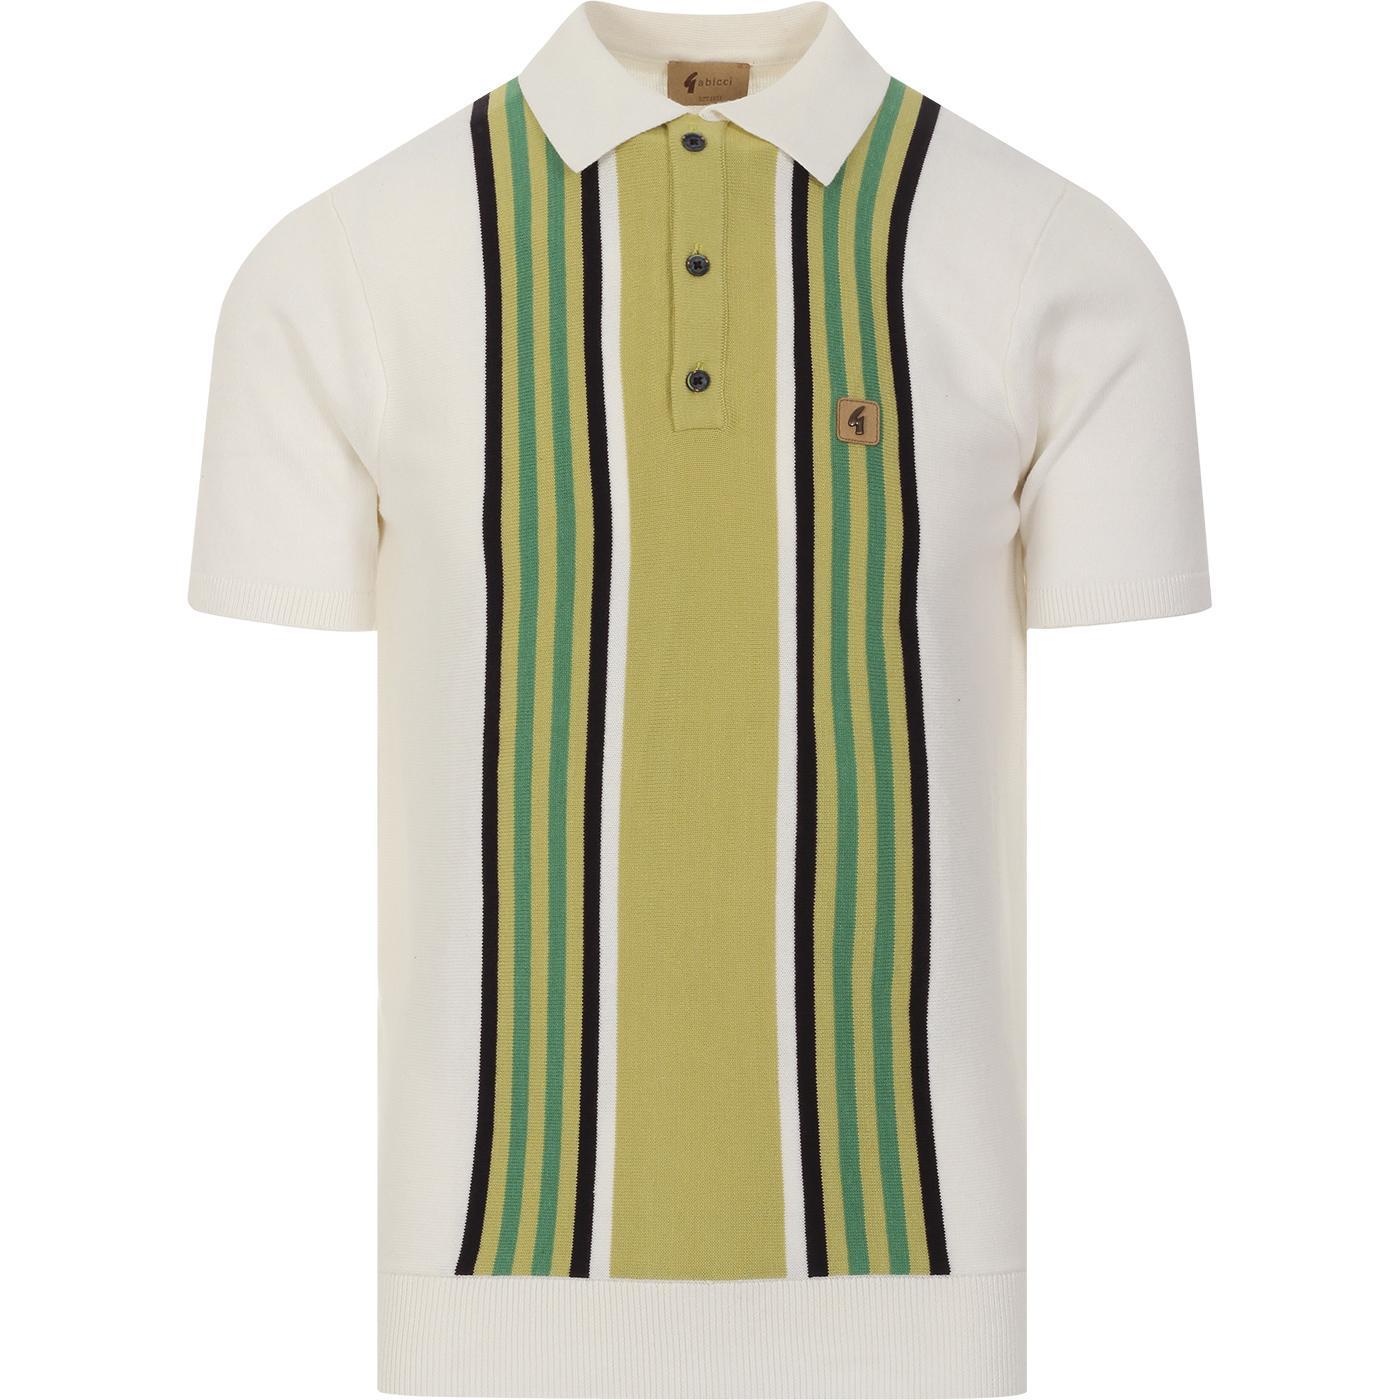 Casbah GABICCI VINTAGE Mod Stripe Knit Polo White